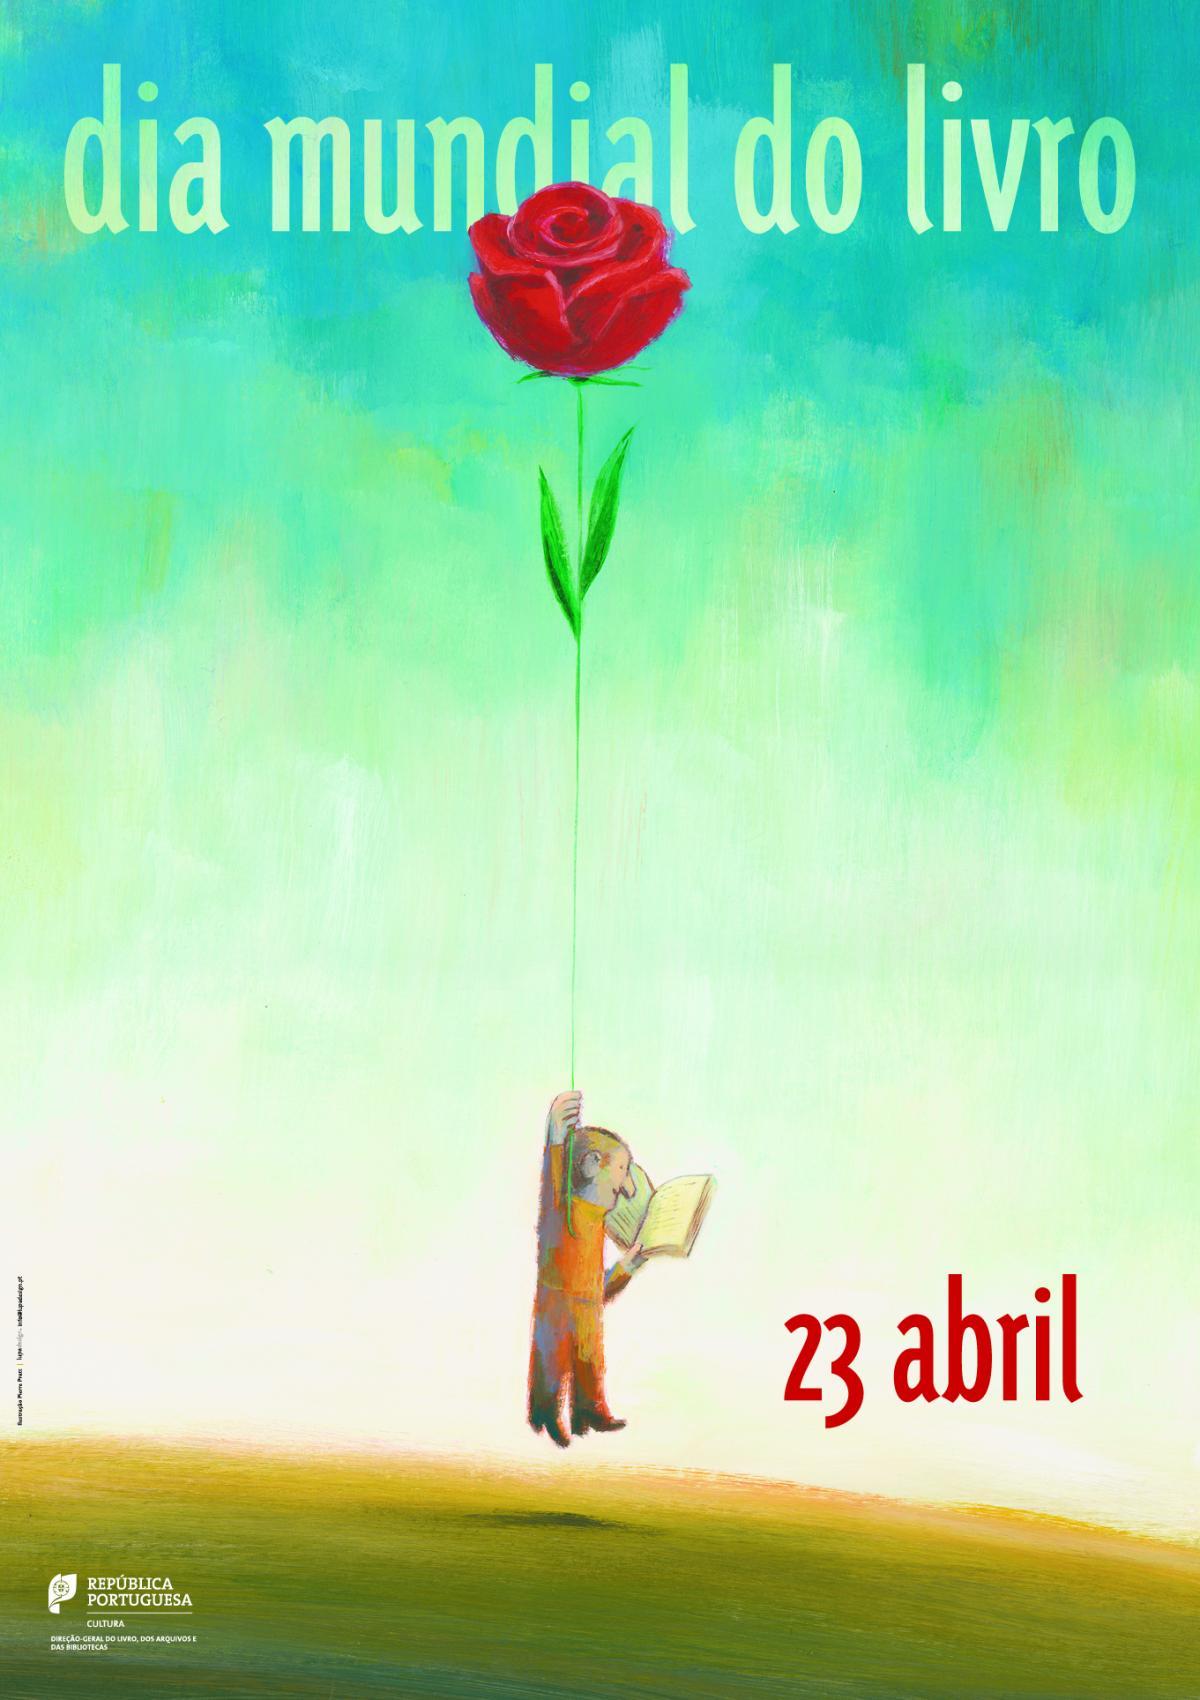 23 de abril: Dia Mundial do Livro e dos Direitos de Autor